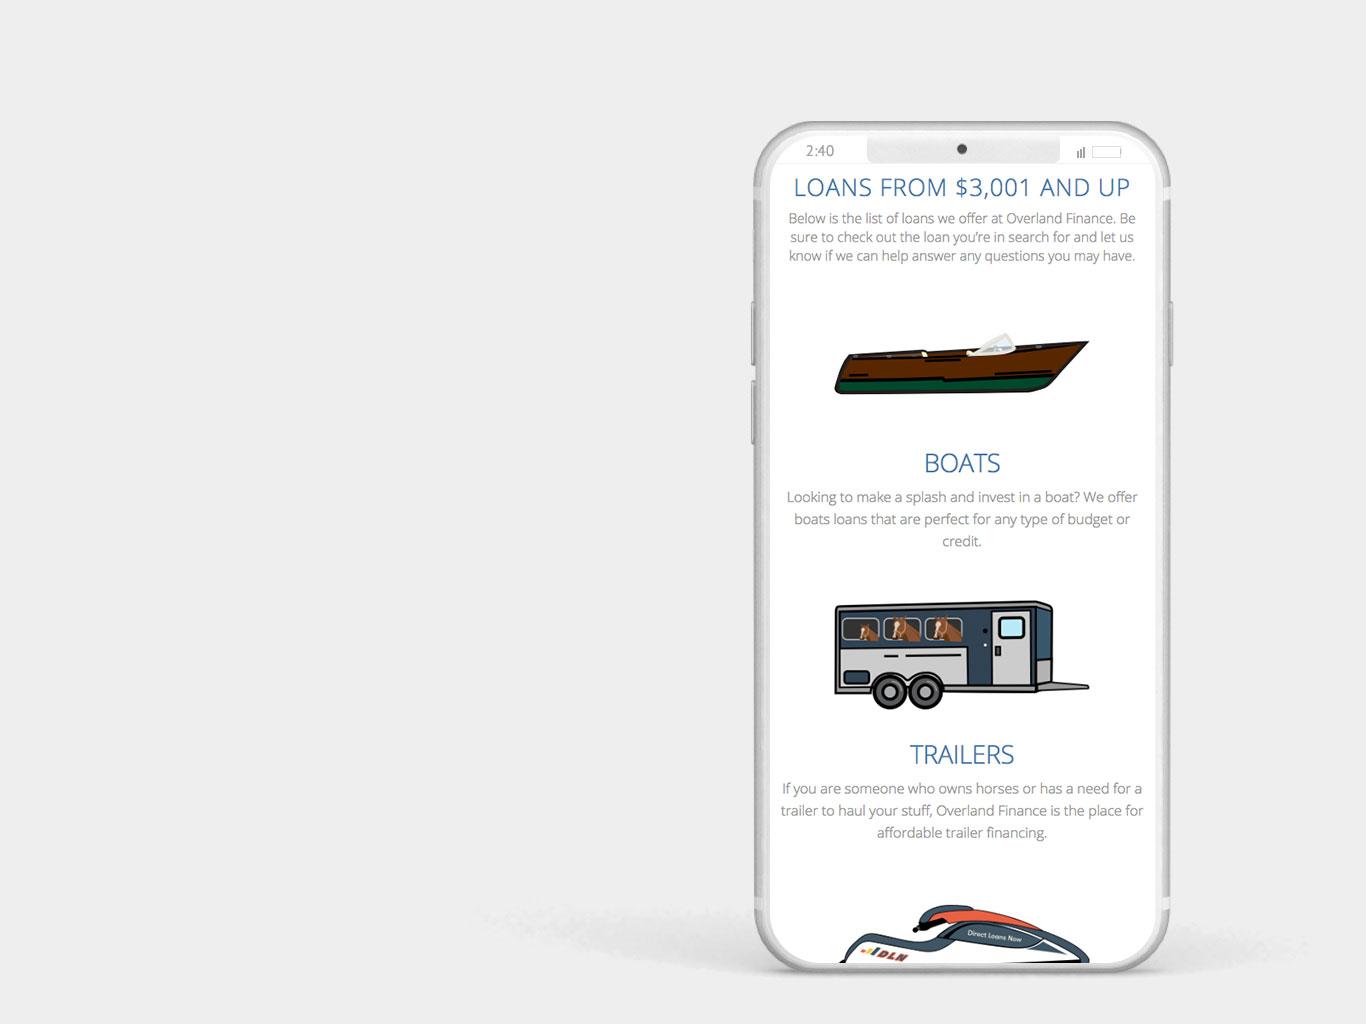 Overland Finance Mobile Website Design and Illustrations